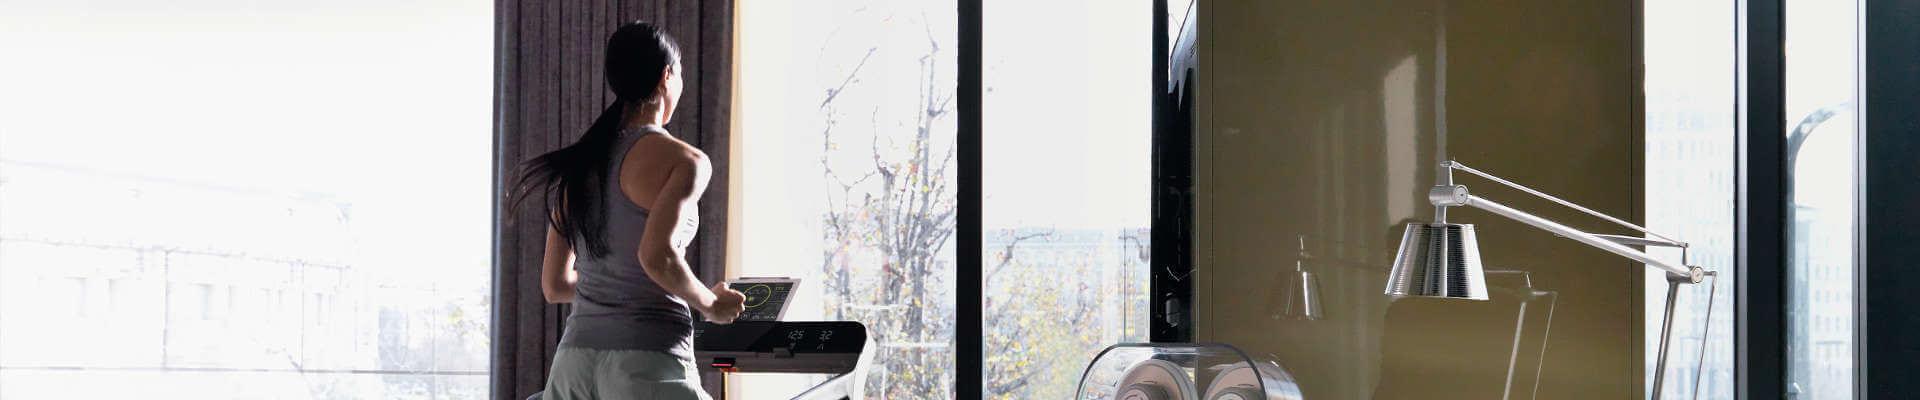 Wellness suite-huoneet tuovat lisäarvoa hotellivieraille